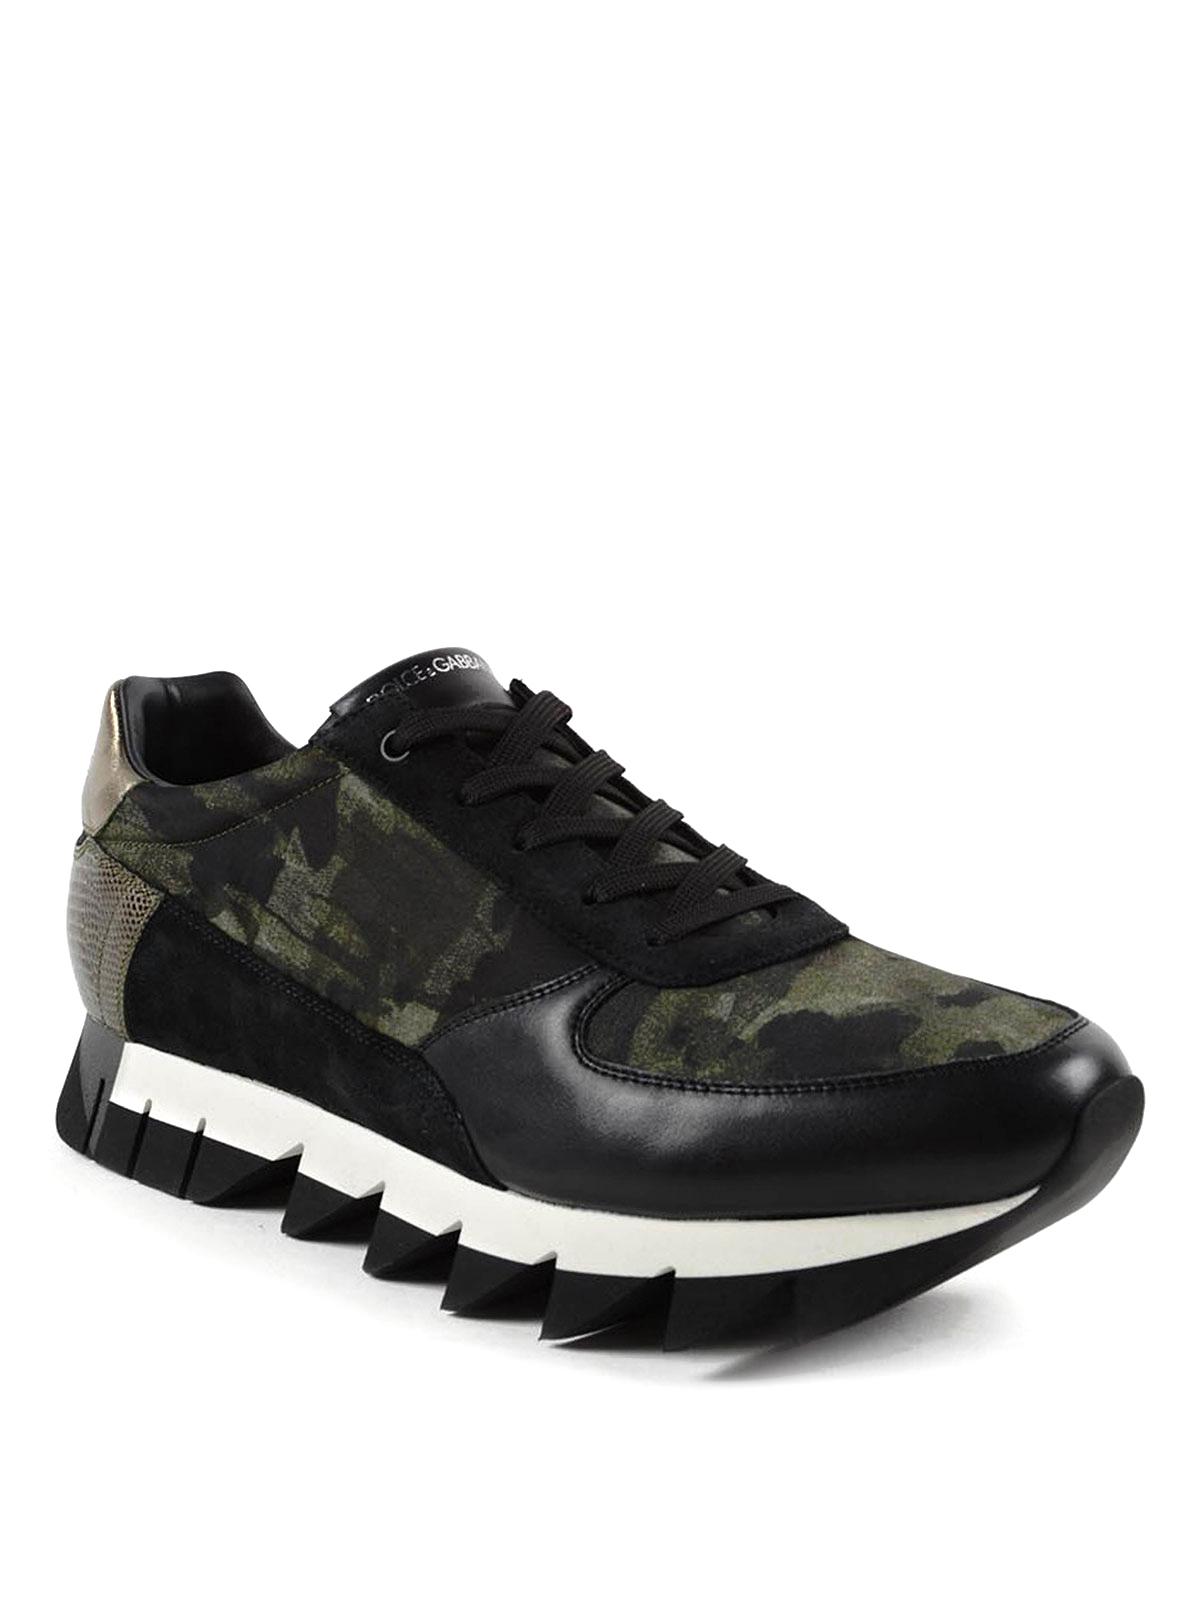 Dolce & Gabbana Baskets Capri Pour Homme Chaussures de